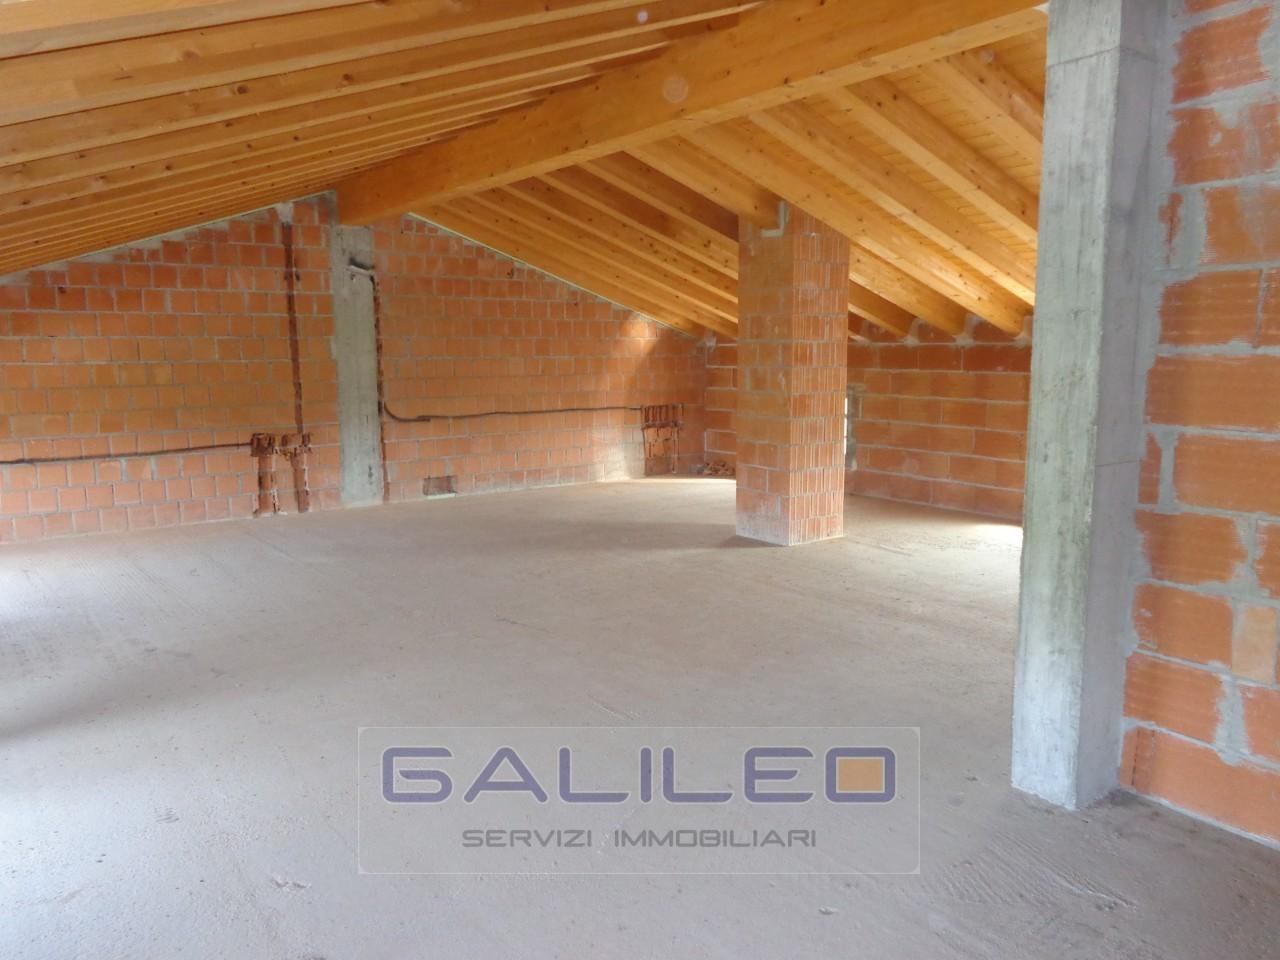 Agenzia Immobiliare Vigodarzere casa a schiera in vendita a vigodarzere (pd) zona tavo e